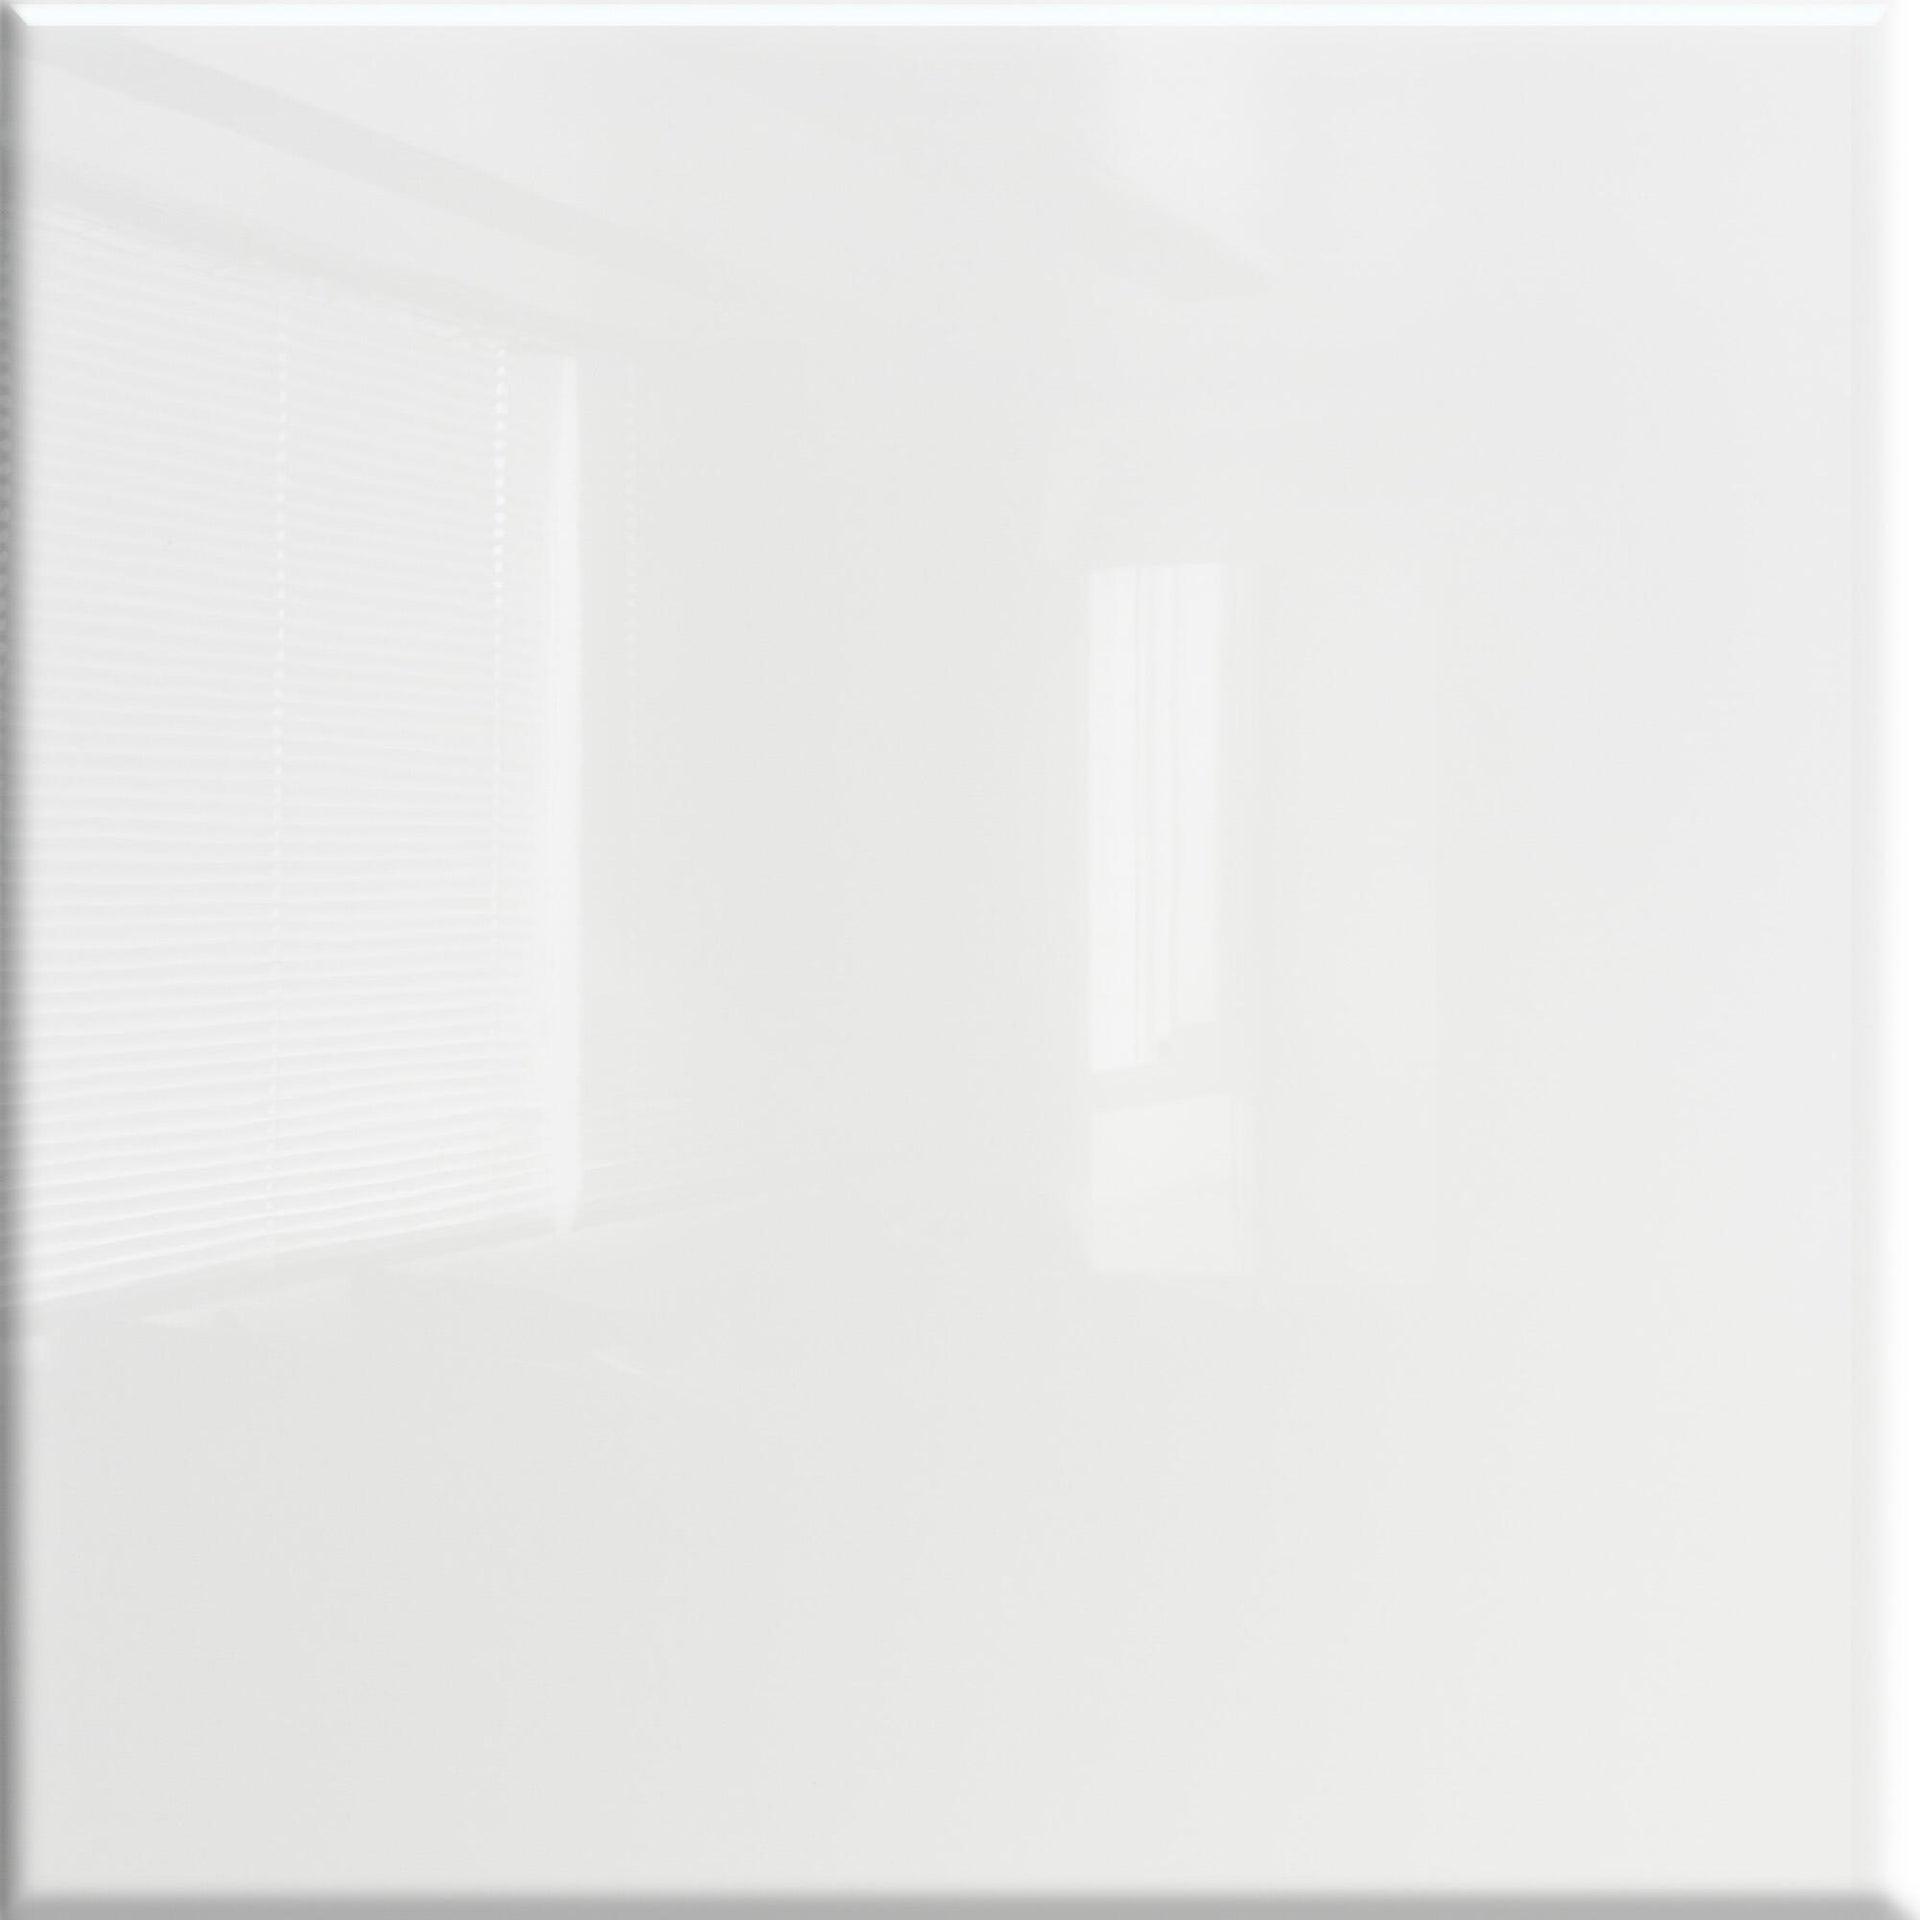 Piastrella Lucido 20 x 20 cm sp. 7 mm bianco - 6